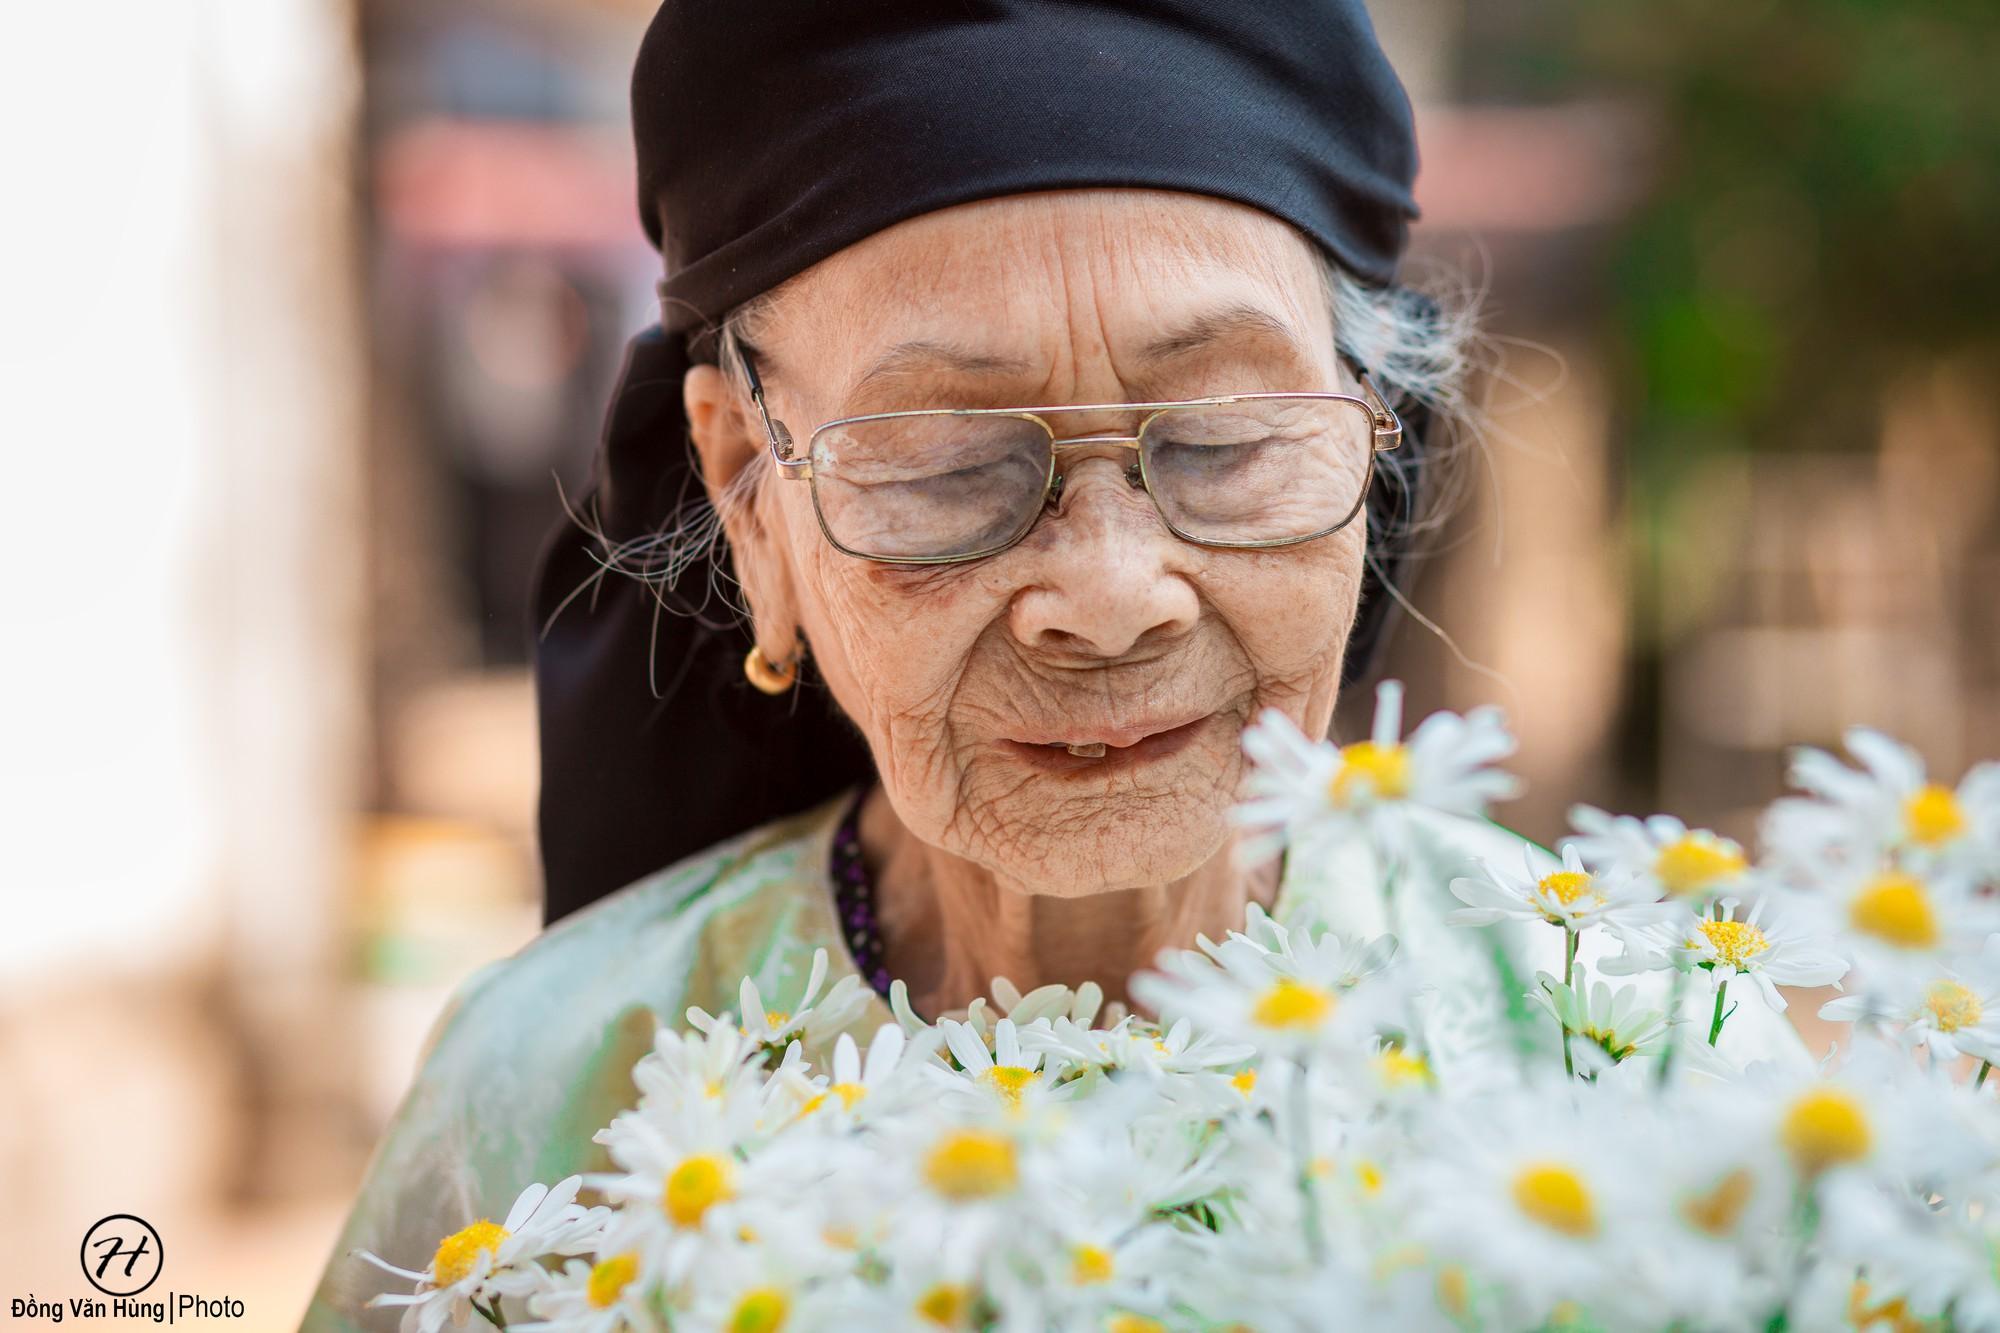 Người mẫu 99 tuổi điệu đà tạo dáng bên hoa cúc họa mi - Ảnh 3.